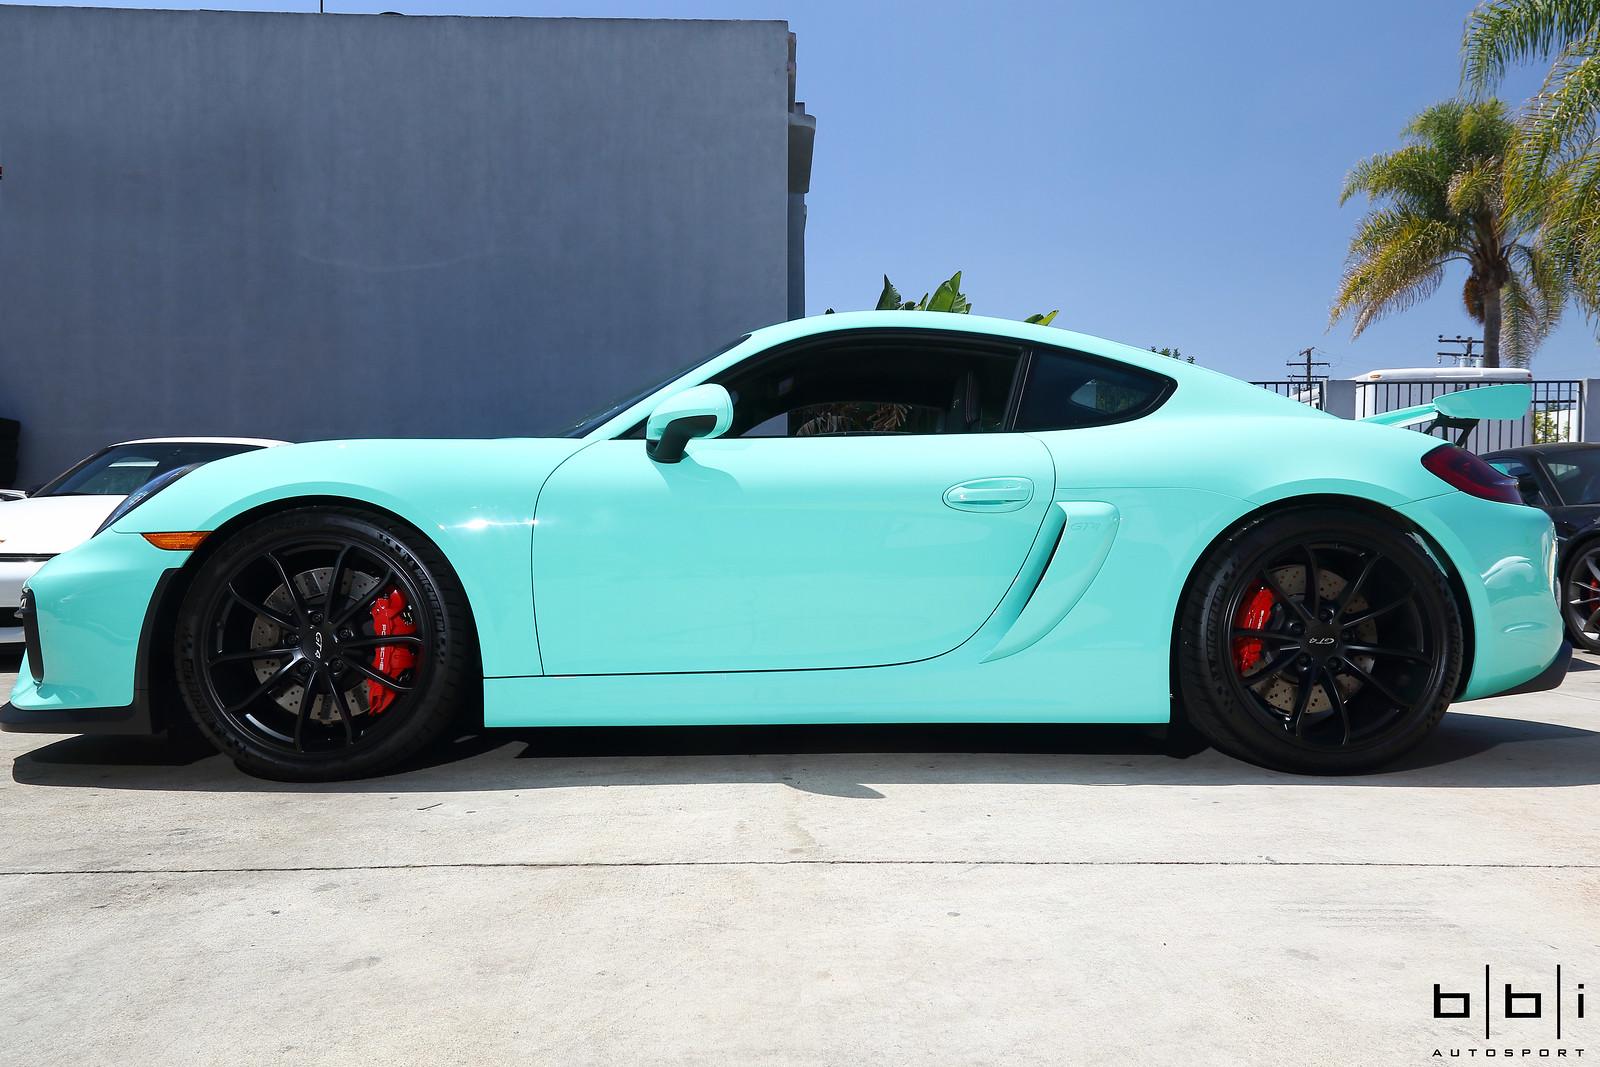 Flyinglracing S Pts Mint Green Porsche Cayman Gt4